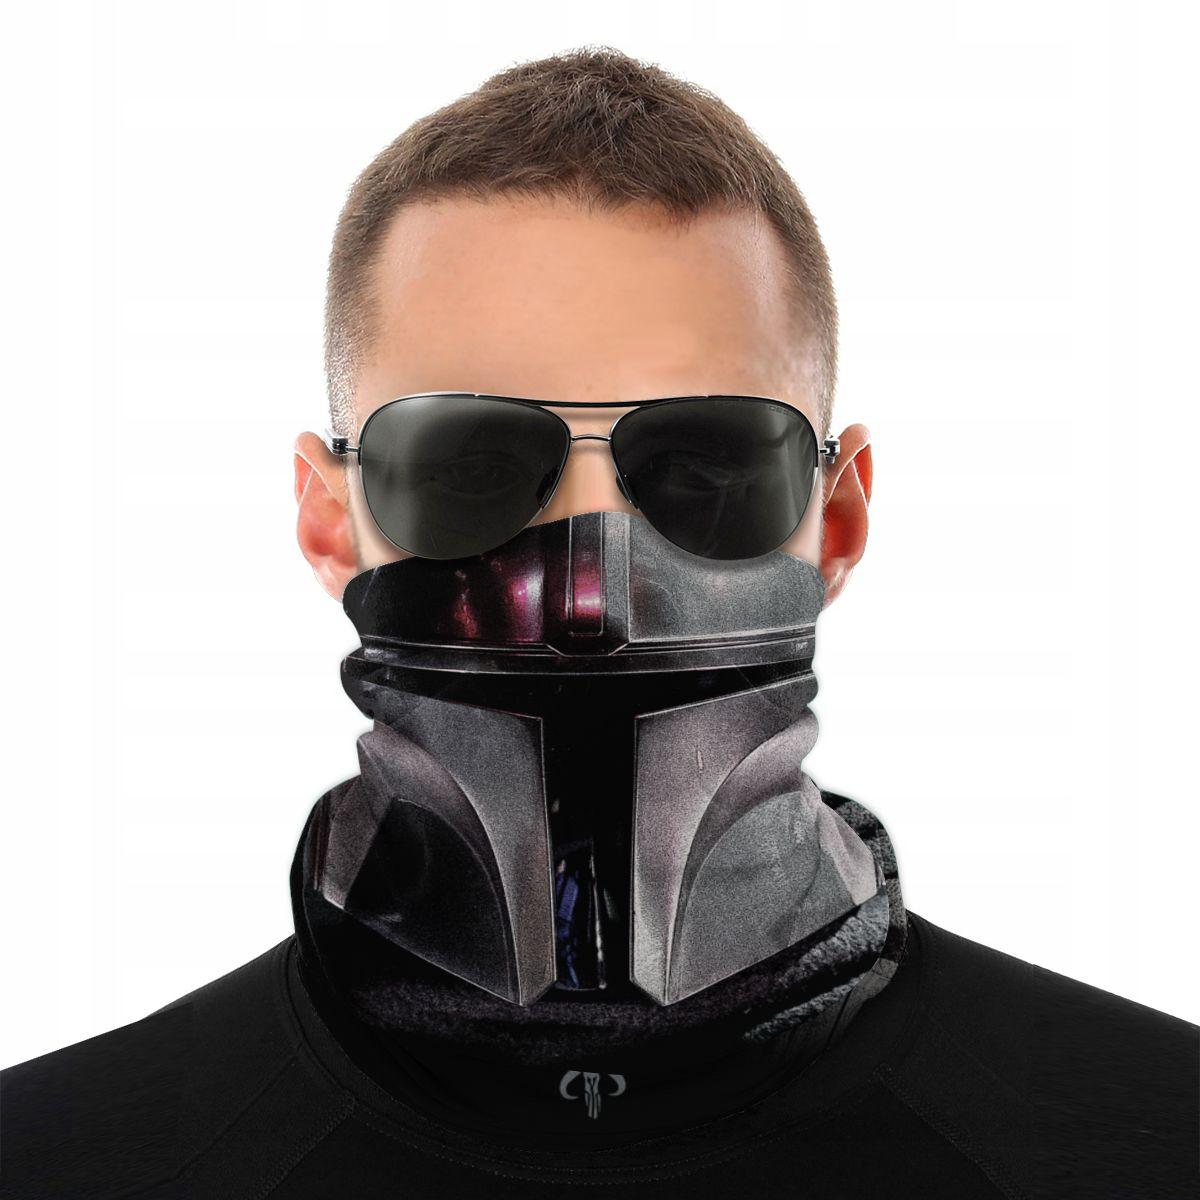 The Mandalorian Scarf Neck Face Mask Men Women Fashion Neck Gaiter Star Wars Balaclava Bandana Windproof Headwear Biking Camping